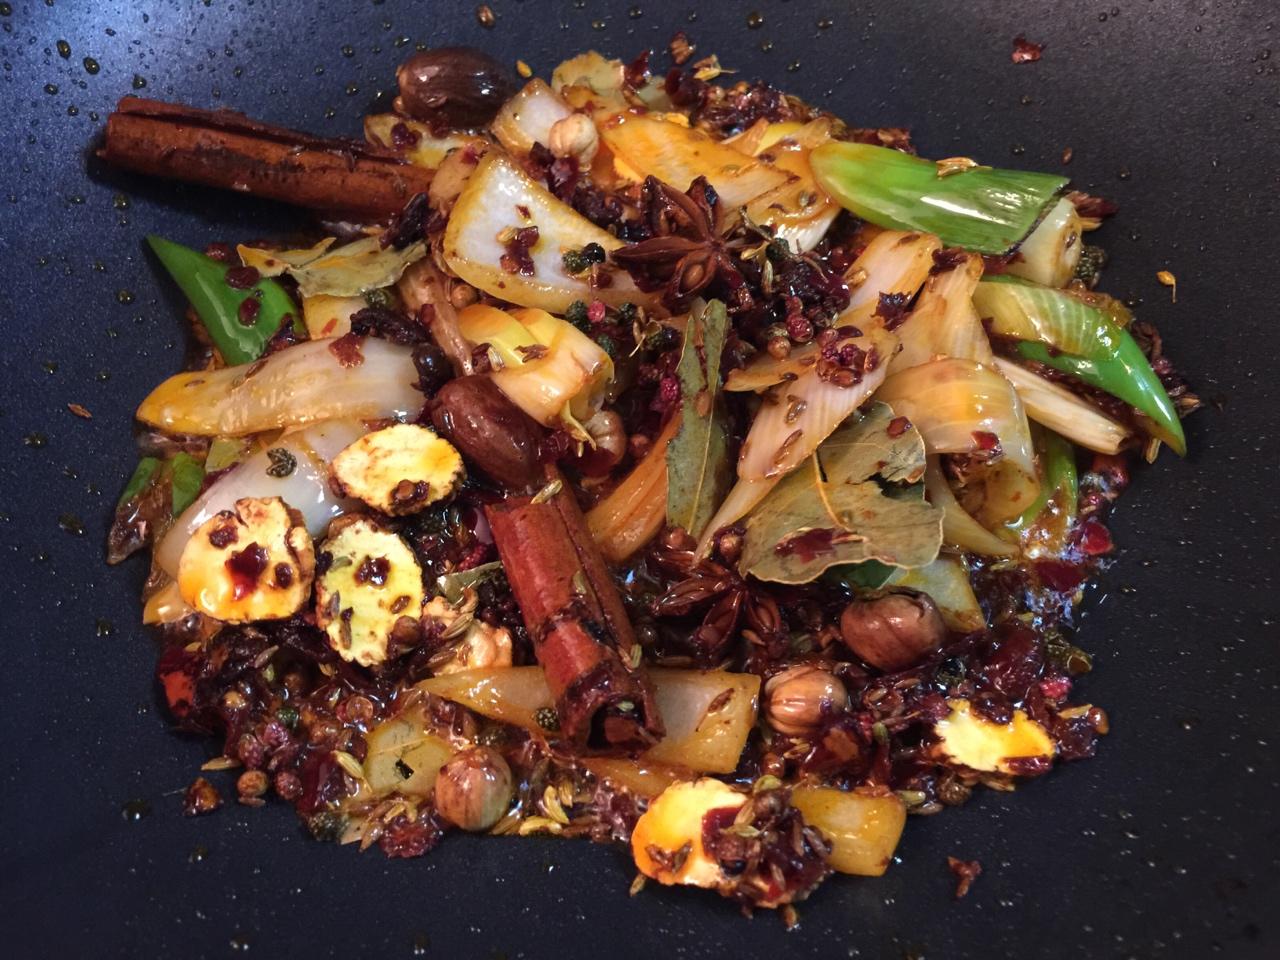 堂妈教你做红汤羊蝎子火锅的做法 步骤16